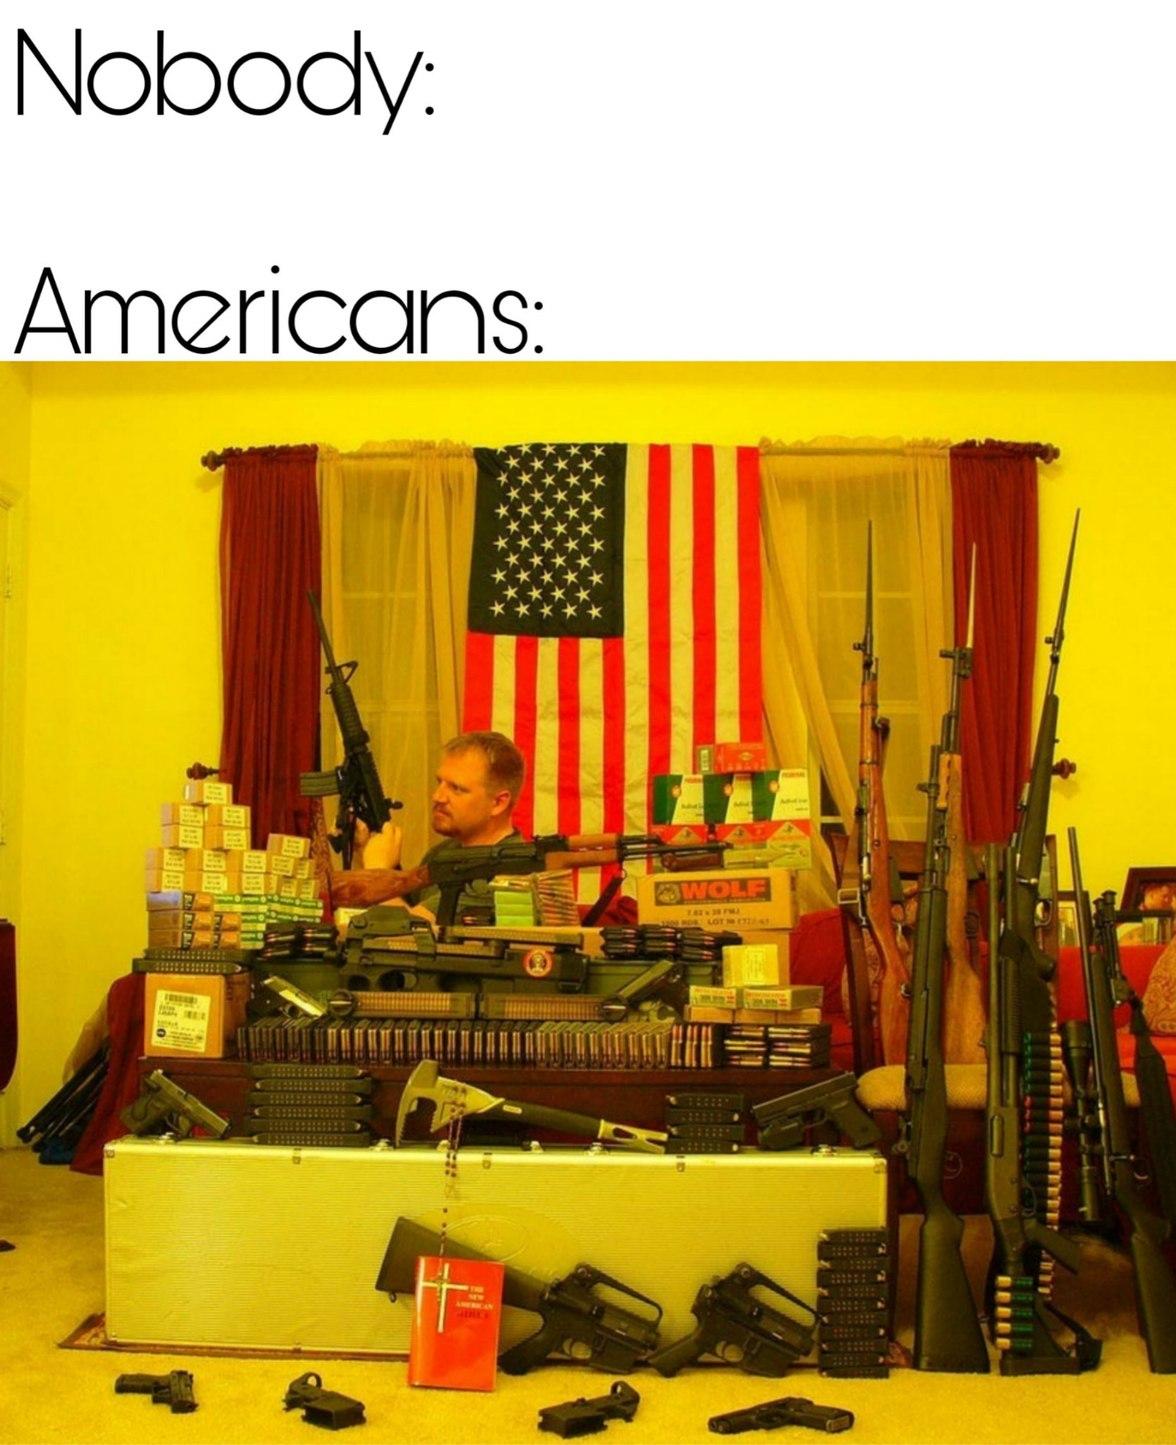 But mah guns - meme